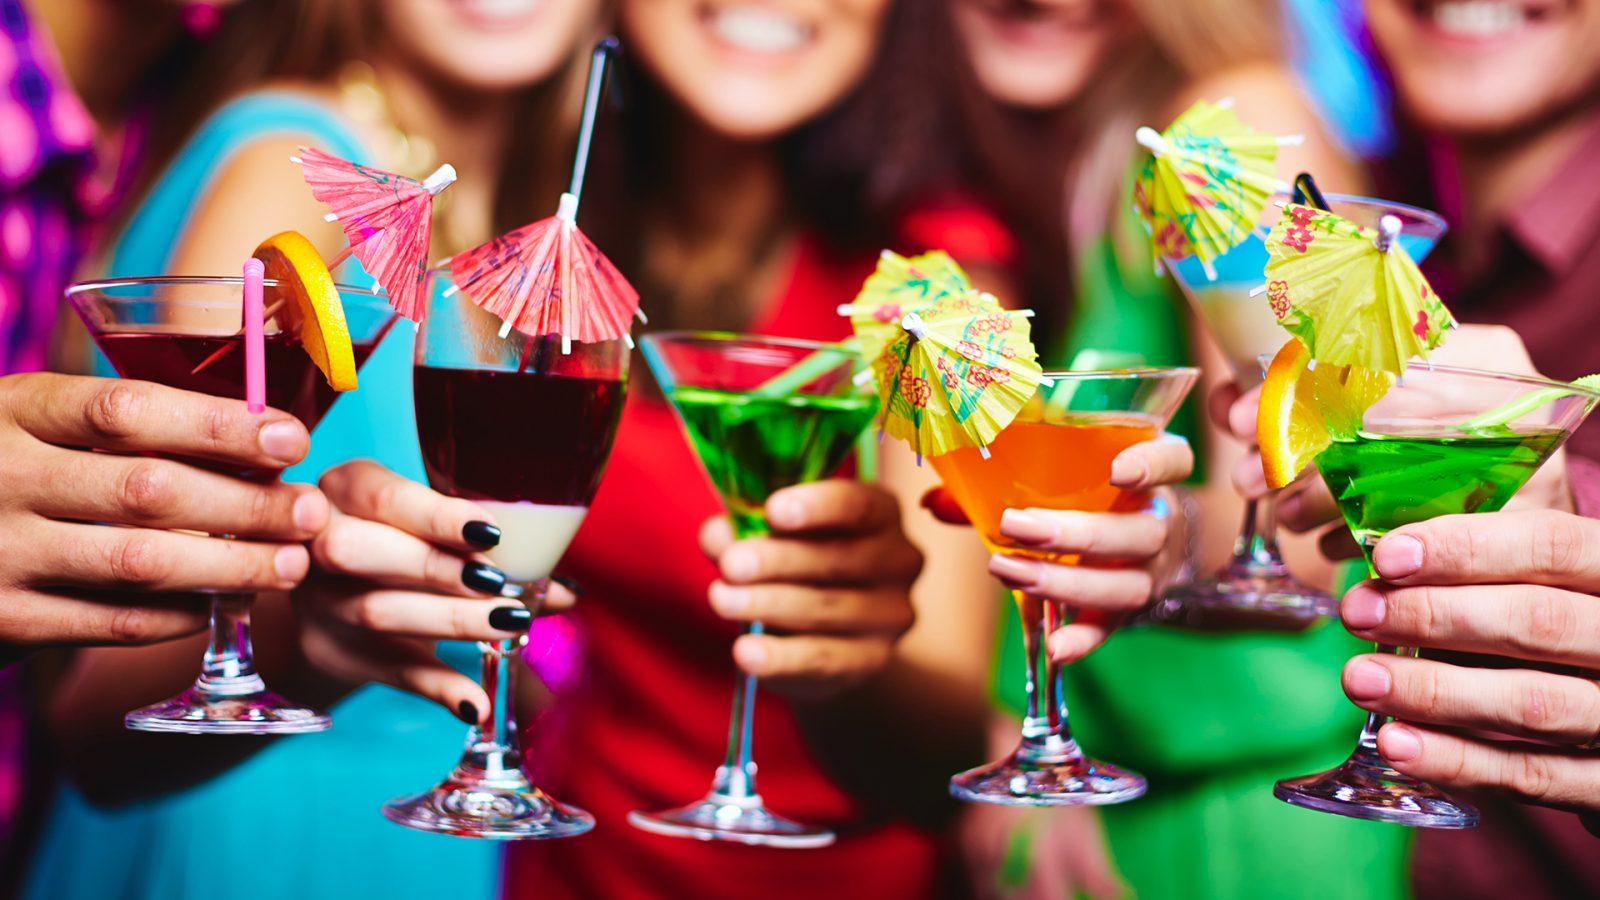 FRYNX Die 5 ausgefallensten Cocktailbars in Wien